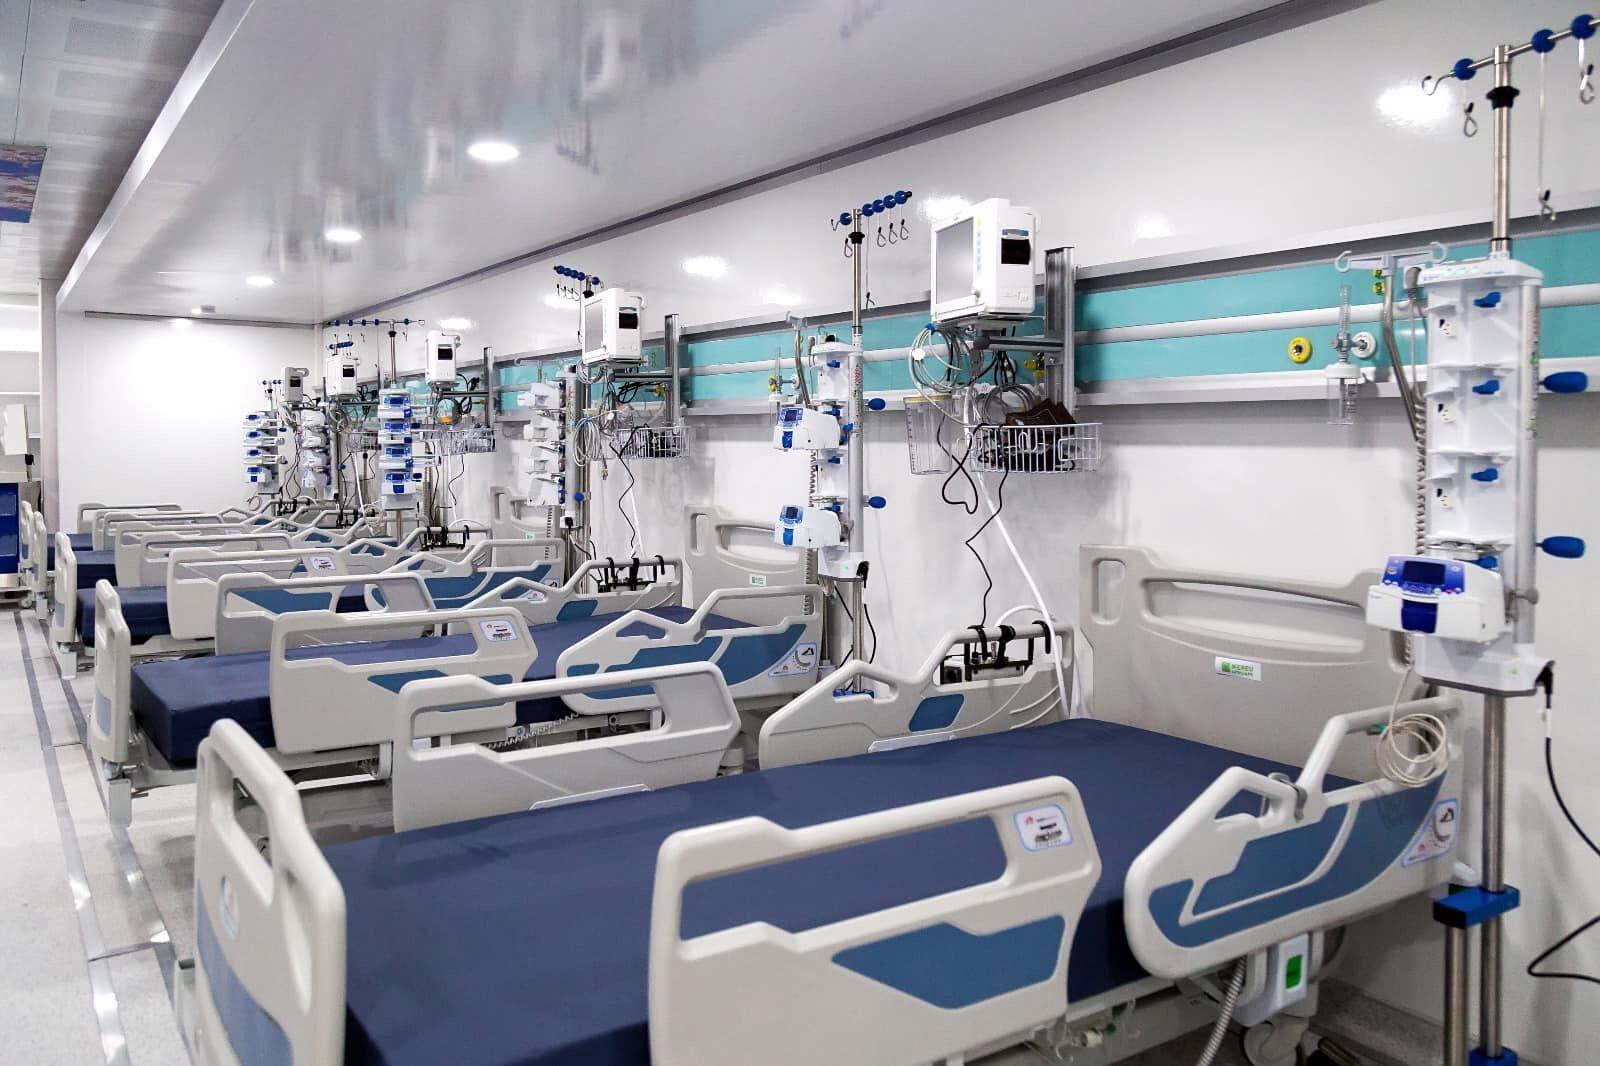 Unitate mobilă de terapie intensivă, oferită Spitalului Județean Ploiești